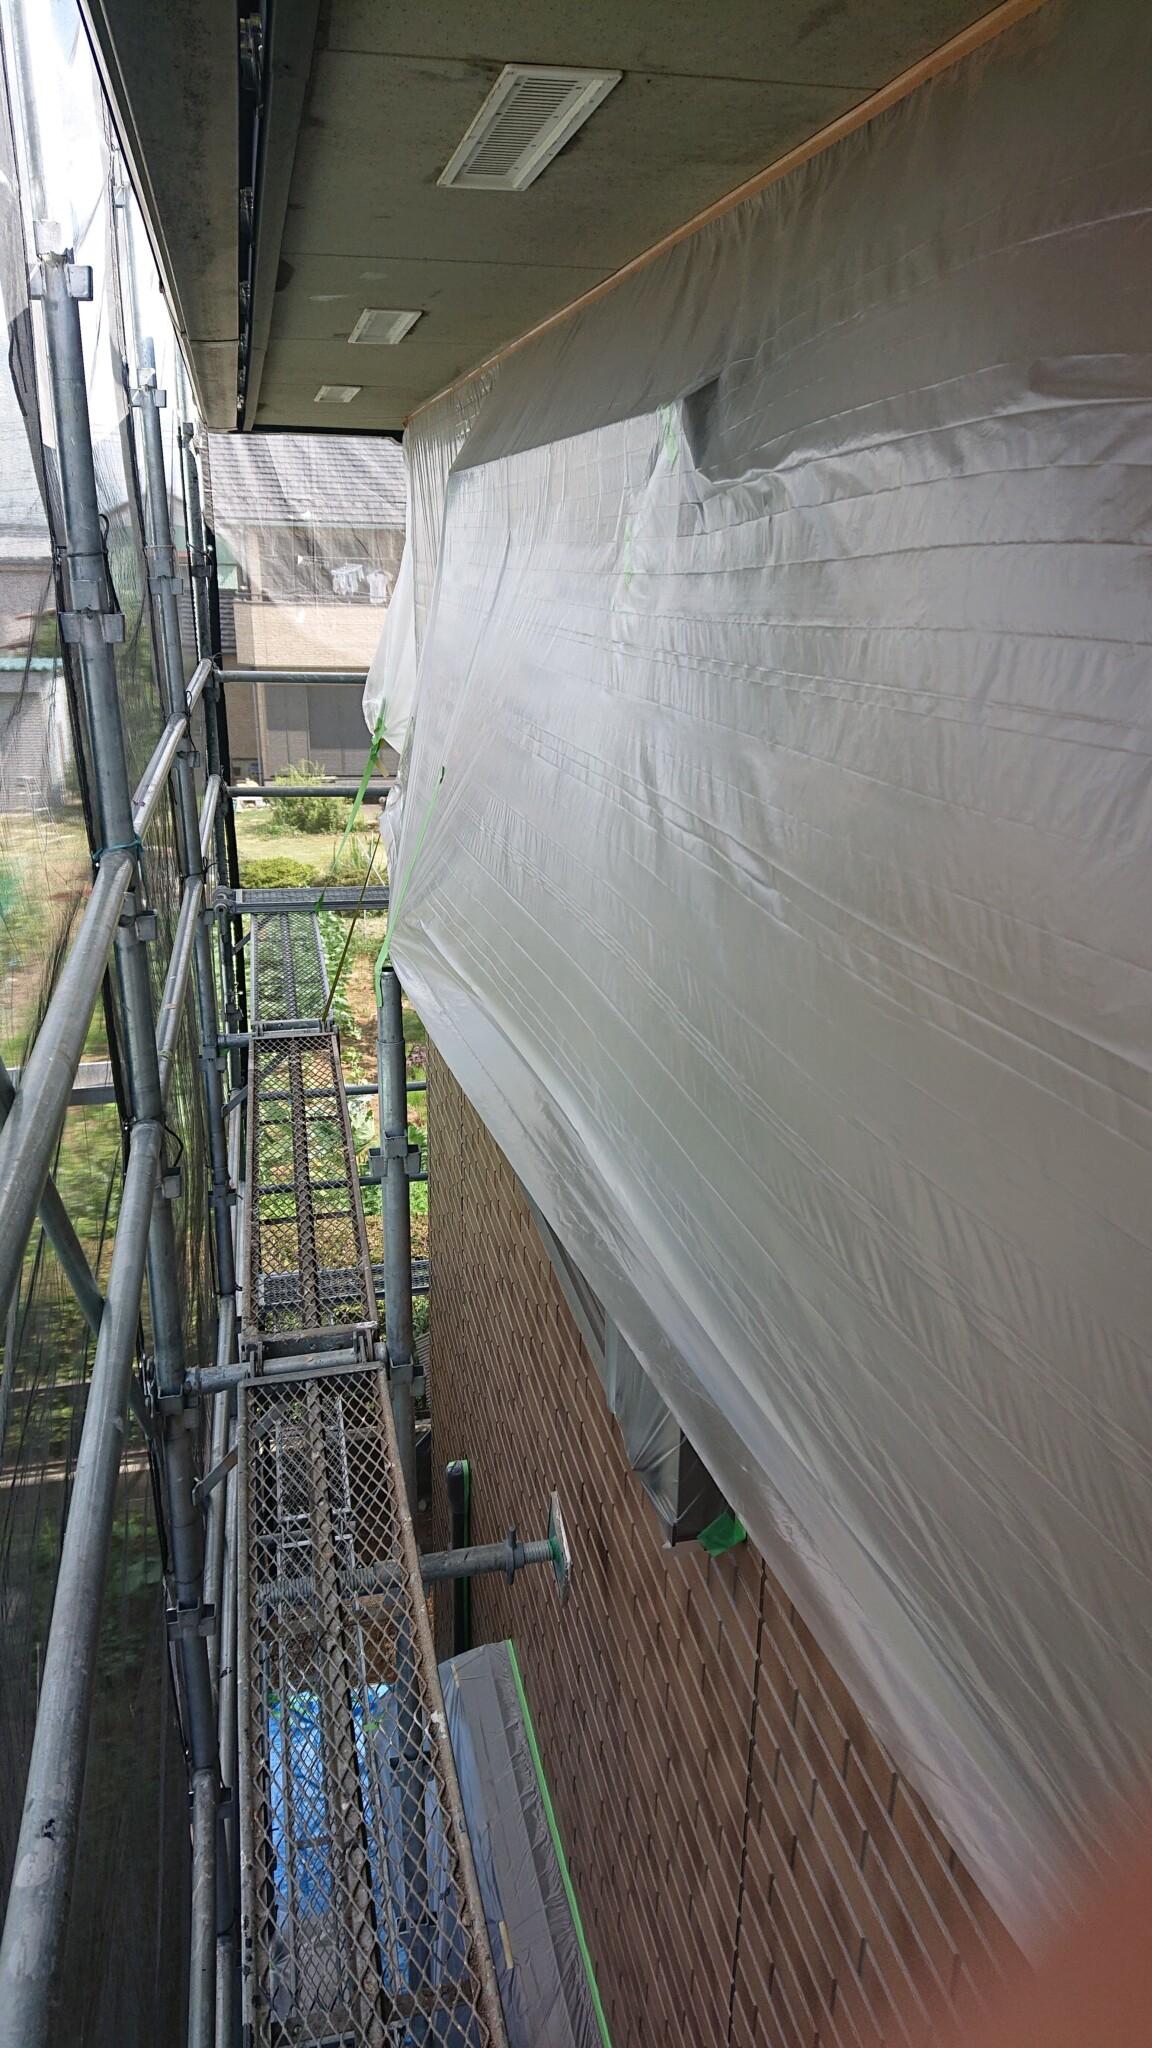 外壁はクリア仕上げなので塗料で汚さないように養生していきます